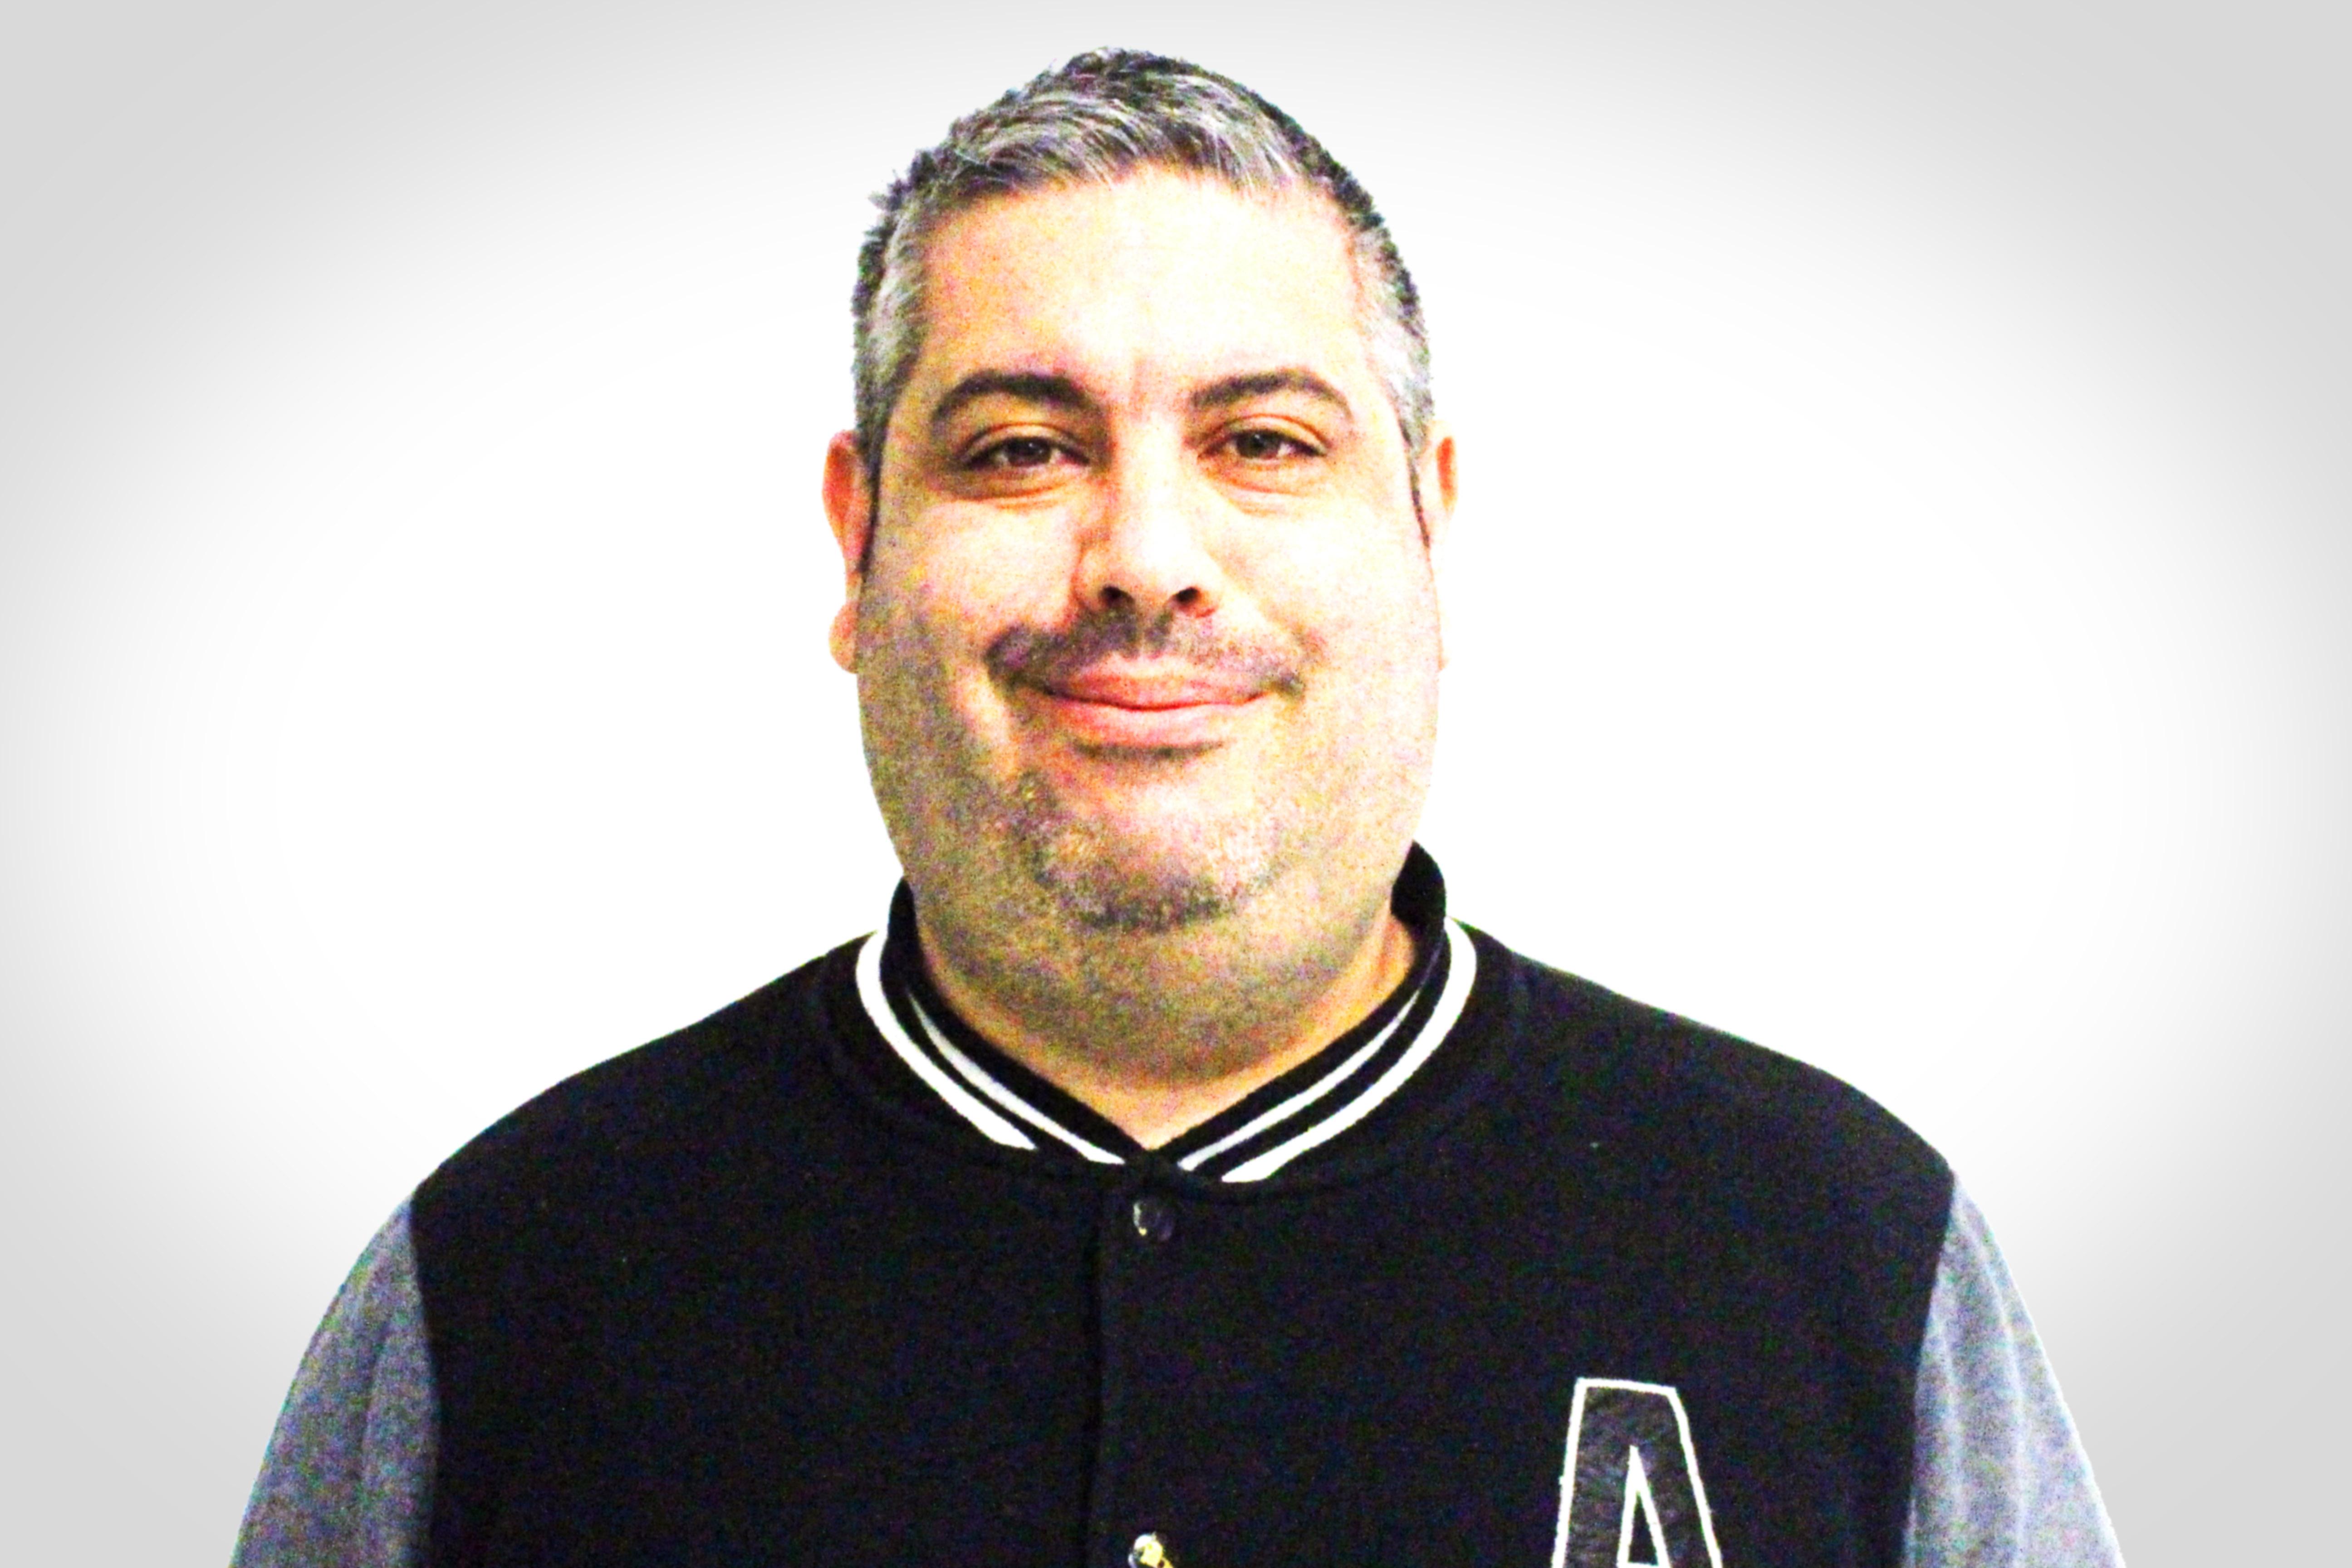 José A. Cangas